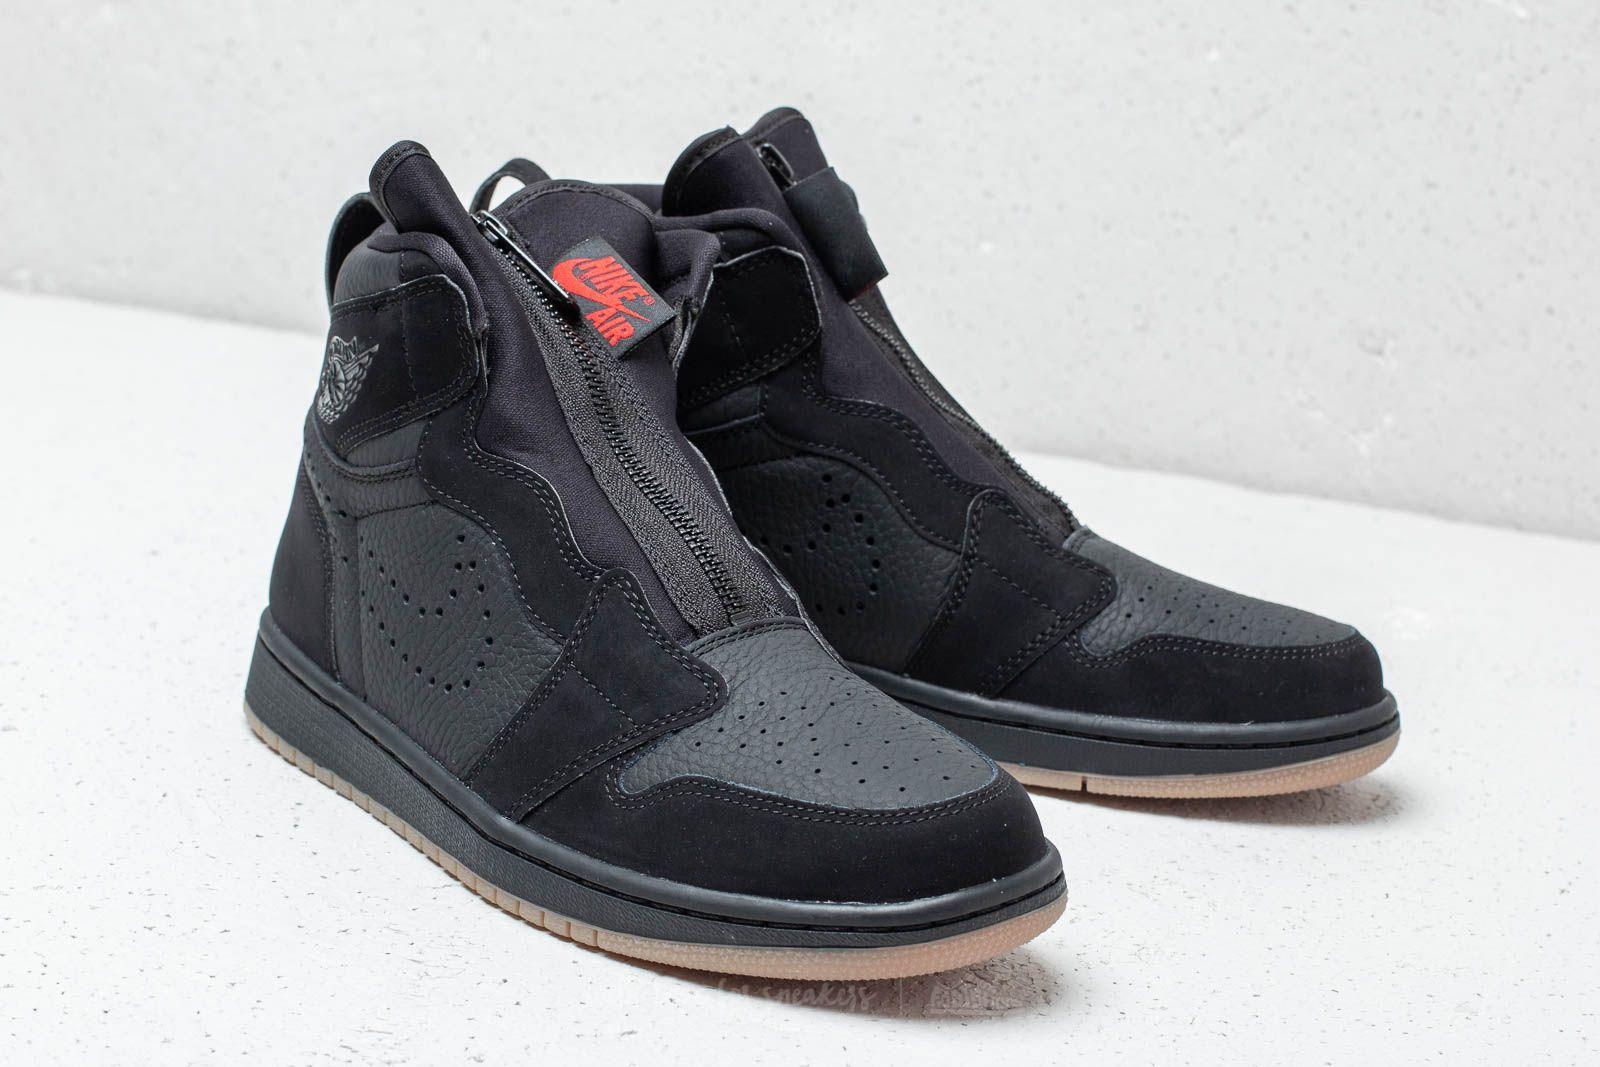 Air Jordan 1 High Zip Black University Red Black | Footshop